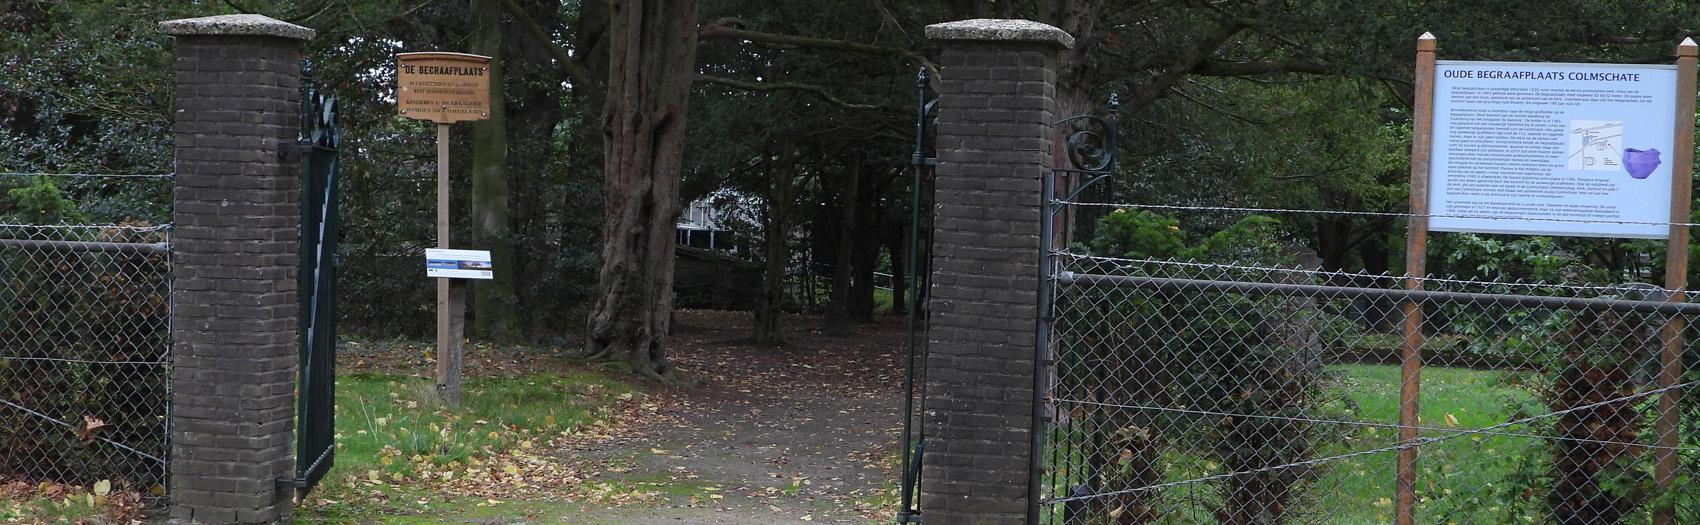 Ten zuiden van de Holterweg ter hoogte van de 'Samen op Weg Kerk' liggen twee begraafplaatsen. De eerste en oudste begraafplaats wordt begrensd door de Sworminksweg (westen), de Bloeminksweg (zuiden) en gemeenschapscentrum De Kuip (oosten). Honderd meter verder ligt, eveneens aan de Sworminksweg, de tweede begraafplaats. Deze nieuwe begraafplaats is nog volop in gebruik.